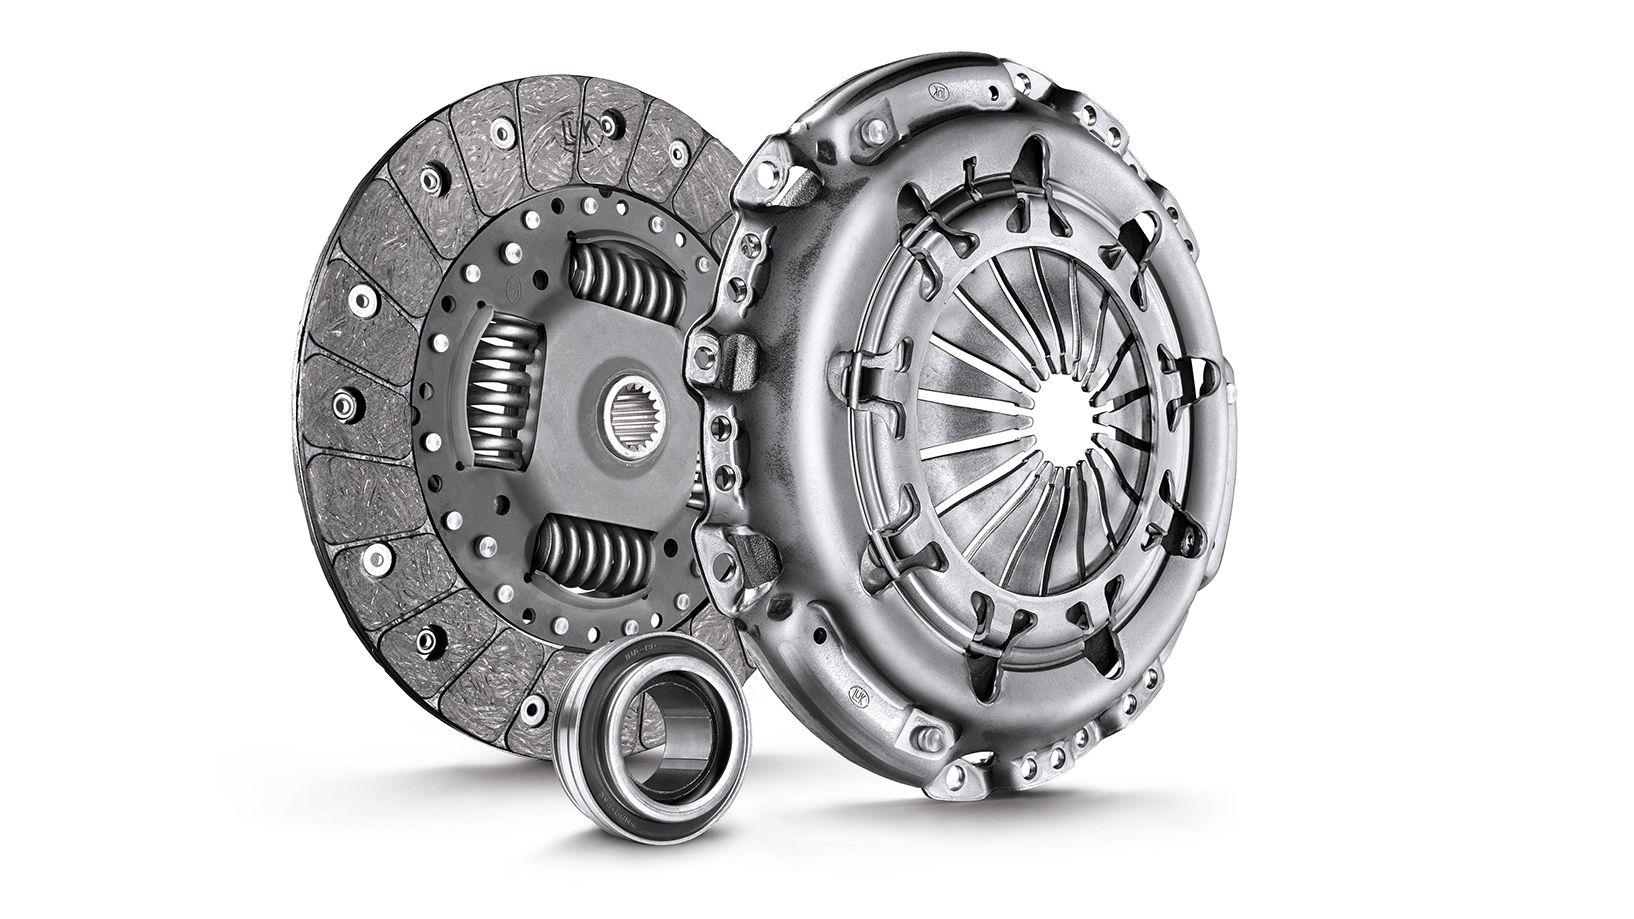 Luk Rep Set For Tata Indica V2 Diesel 190 - 6193062000